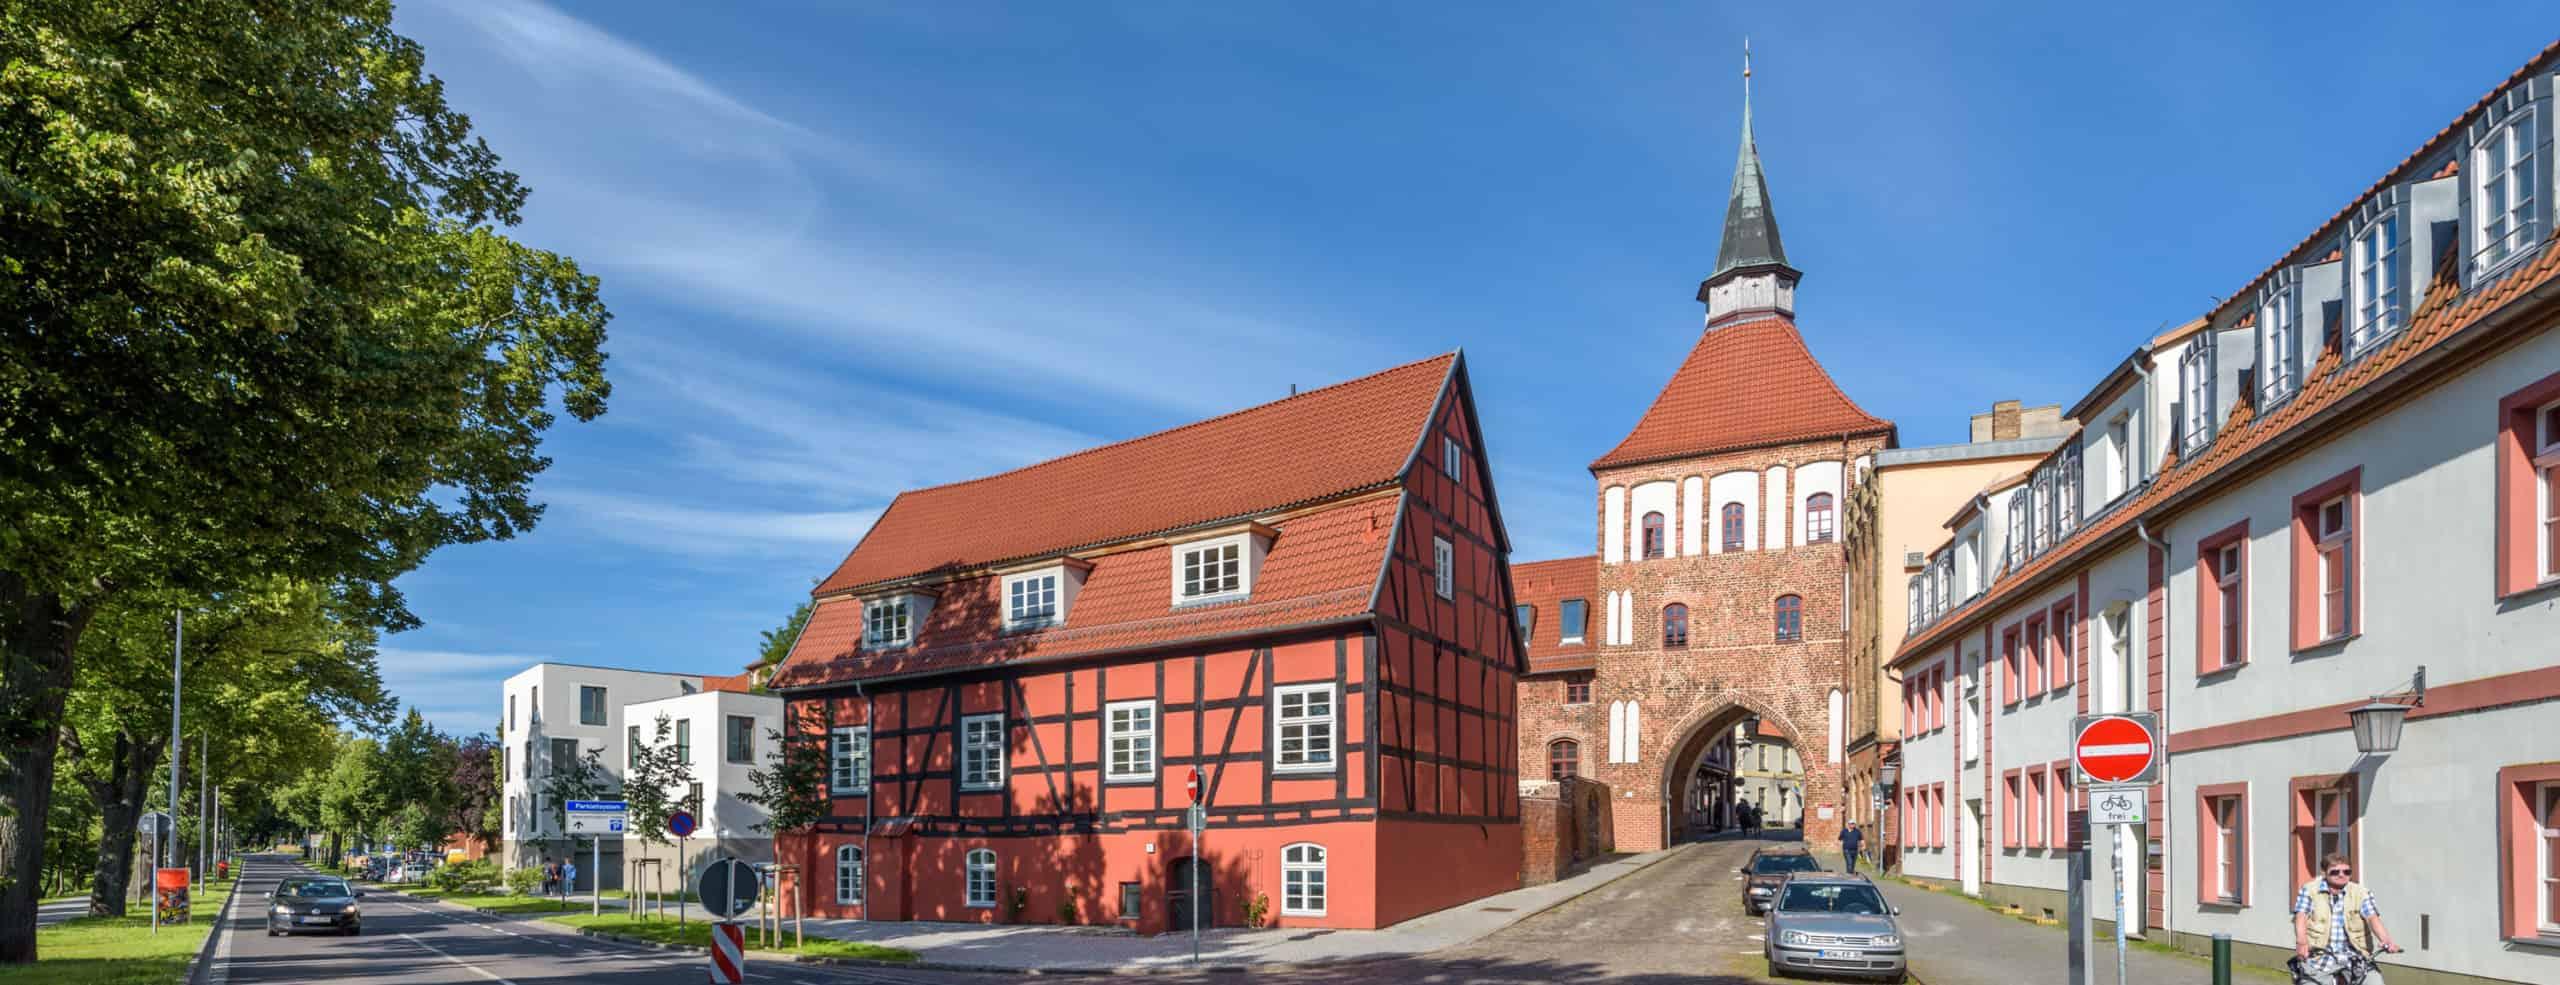 Areal Kütertor Stralsund - Wohnen in Einem denkmalgeschützten Ensemble